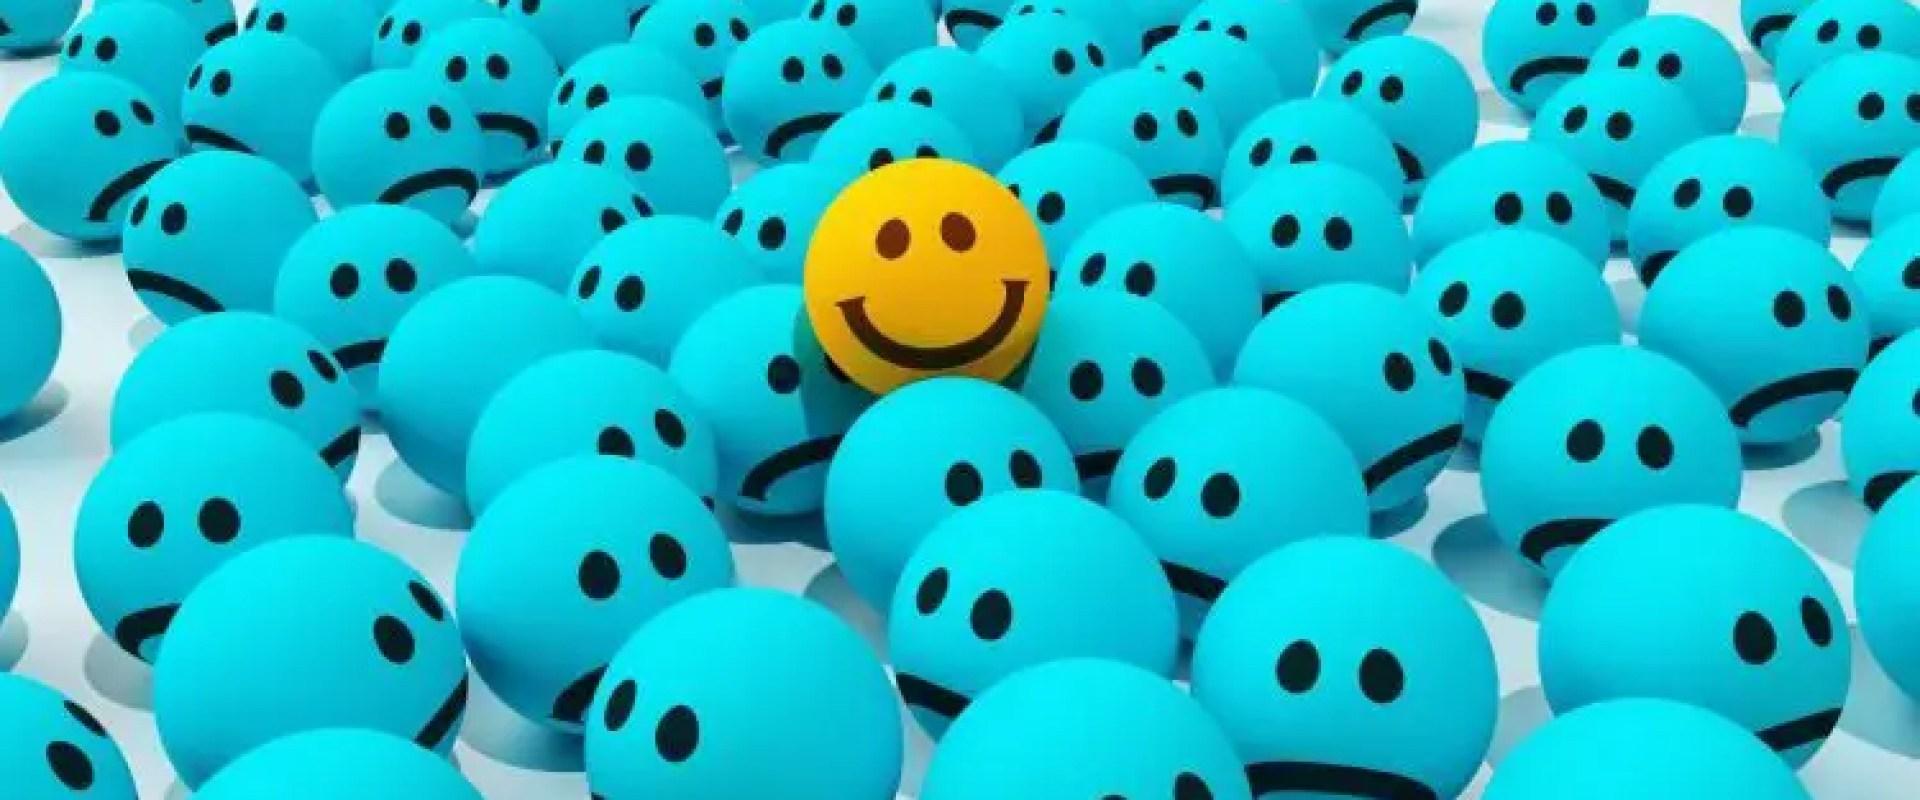 Positivity or Negativity?